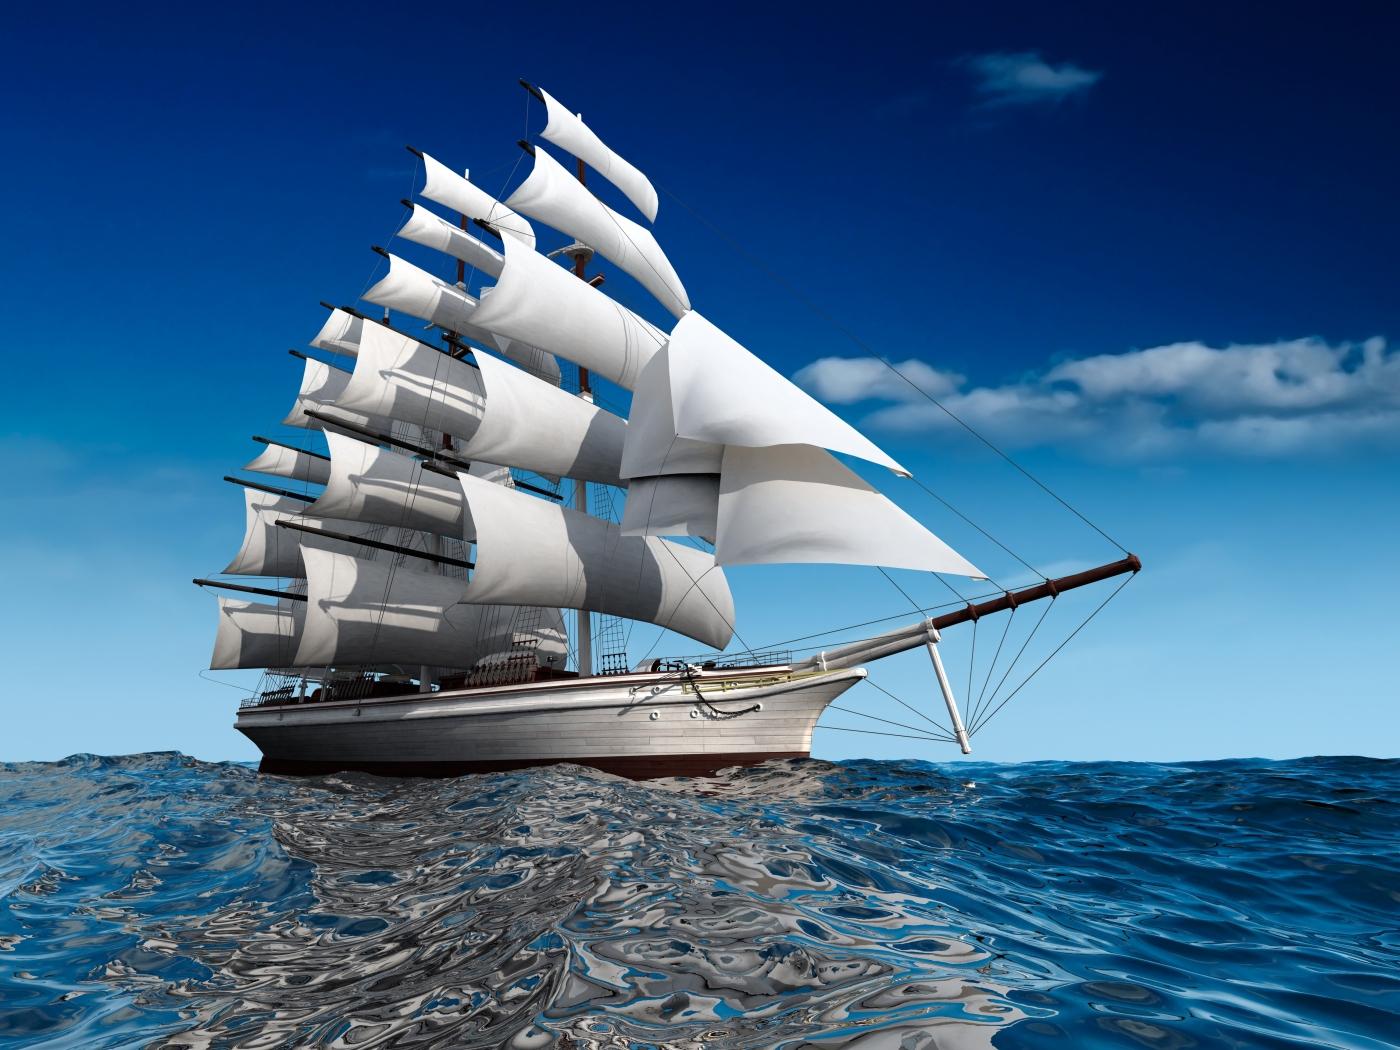 34515 Заставки и Обои Корабли на телефон. Скачать Транспорт, Корабли картинки бесплатно